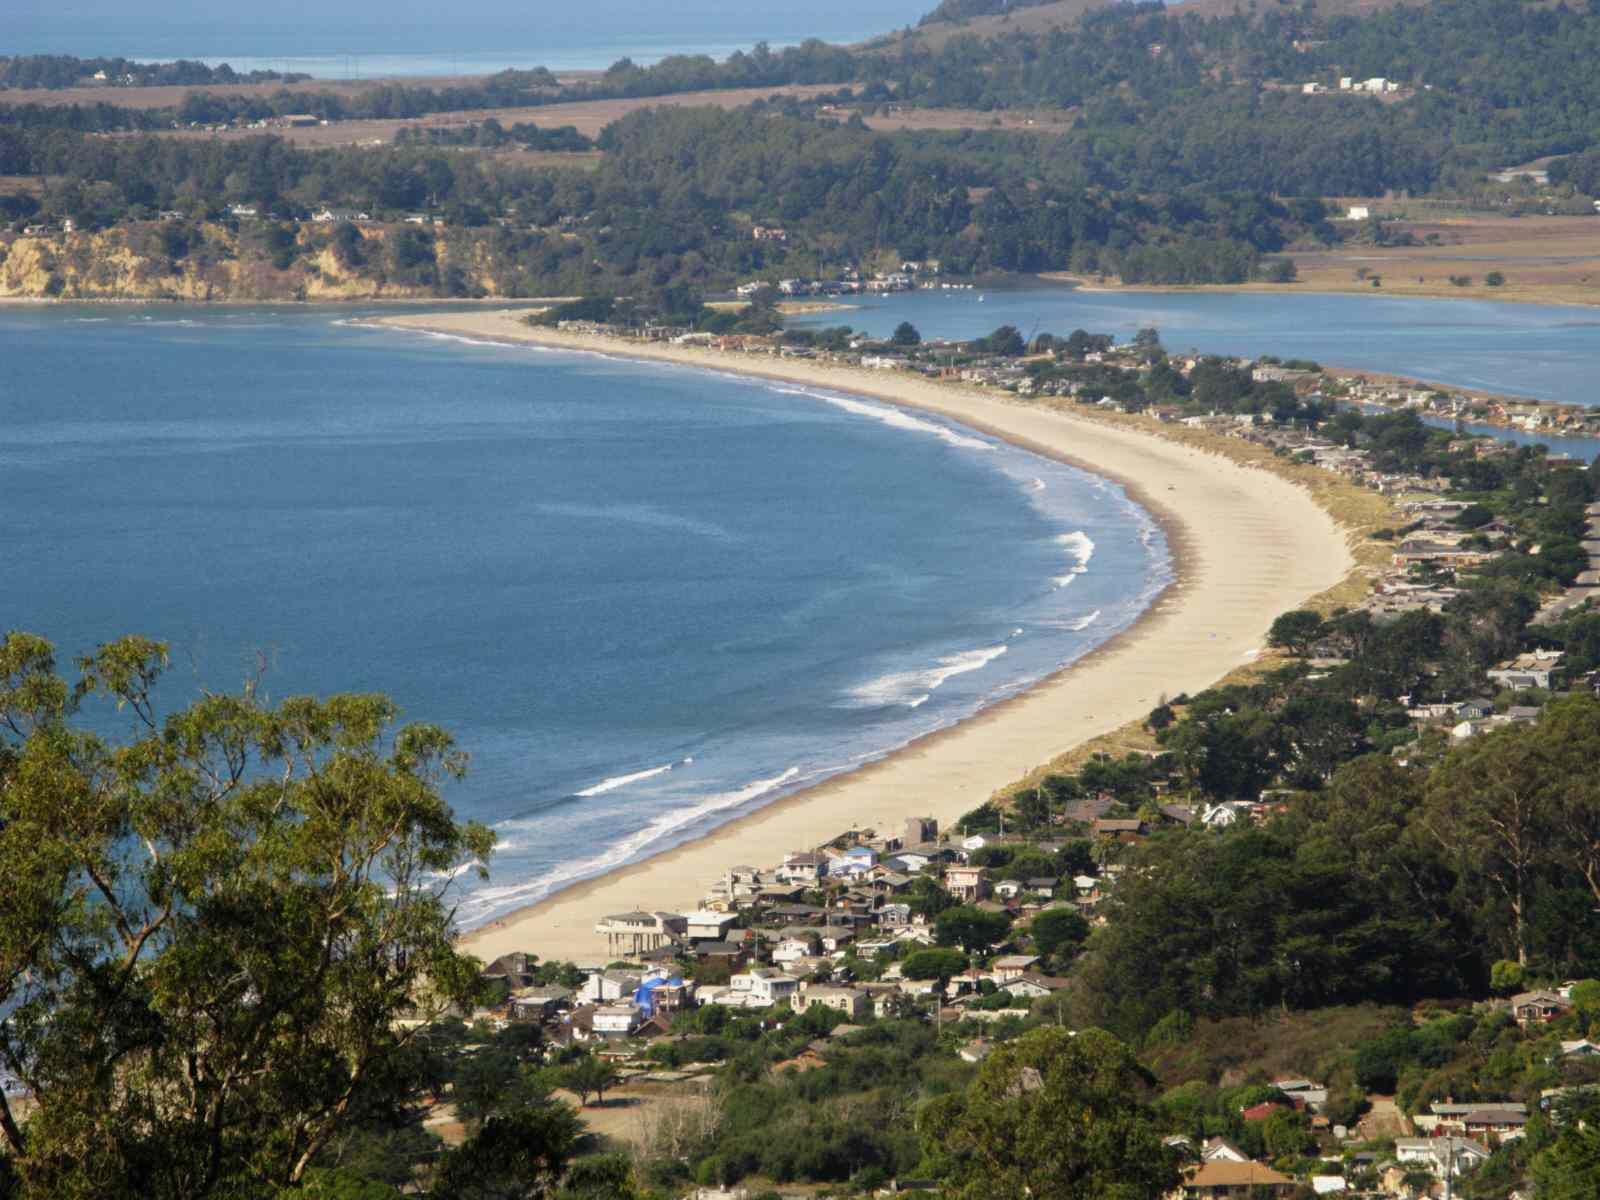 Stinson Beach es una no incorporada comunidad en el condado de Marin, California, en la costa oeste de los Estados Unidos. La población de la playa de Stinson es de aproximadamente 751